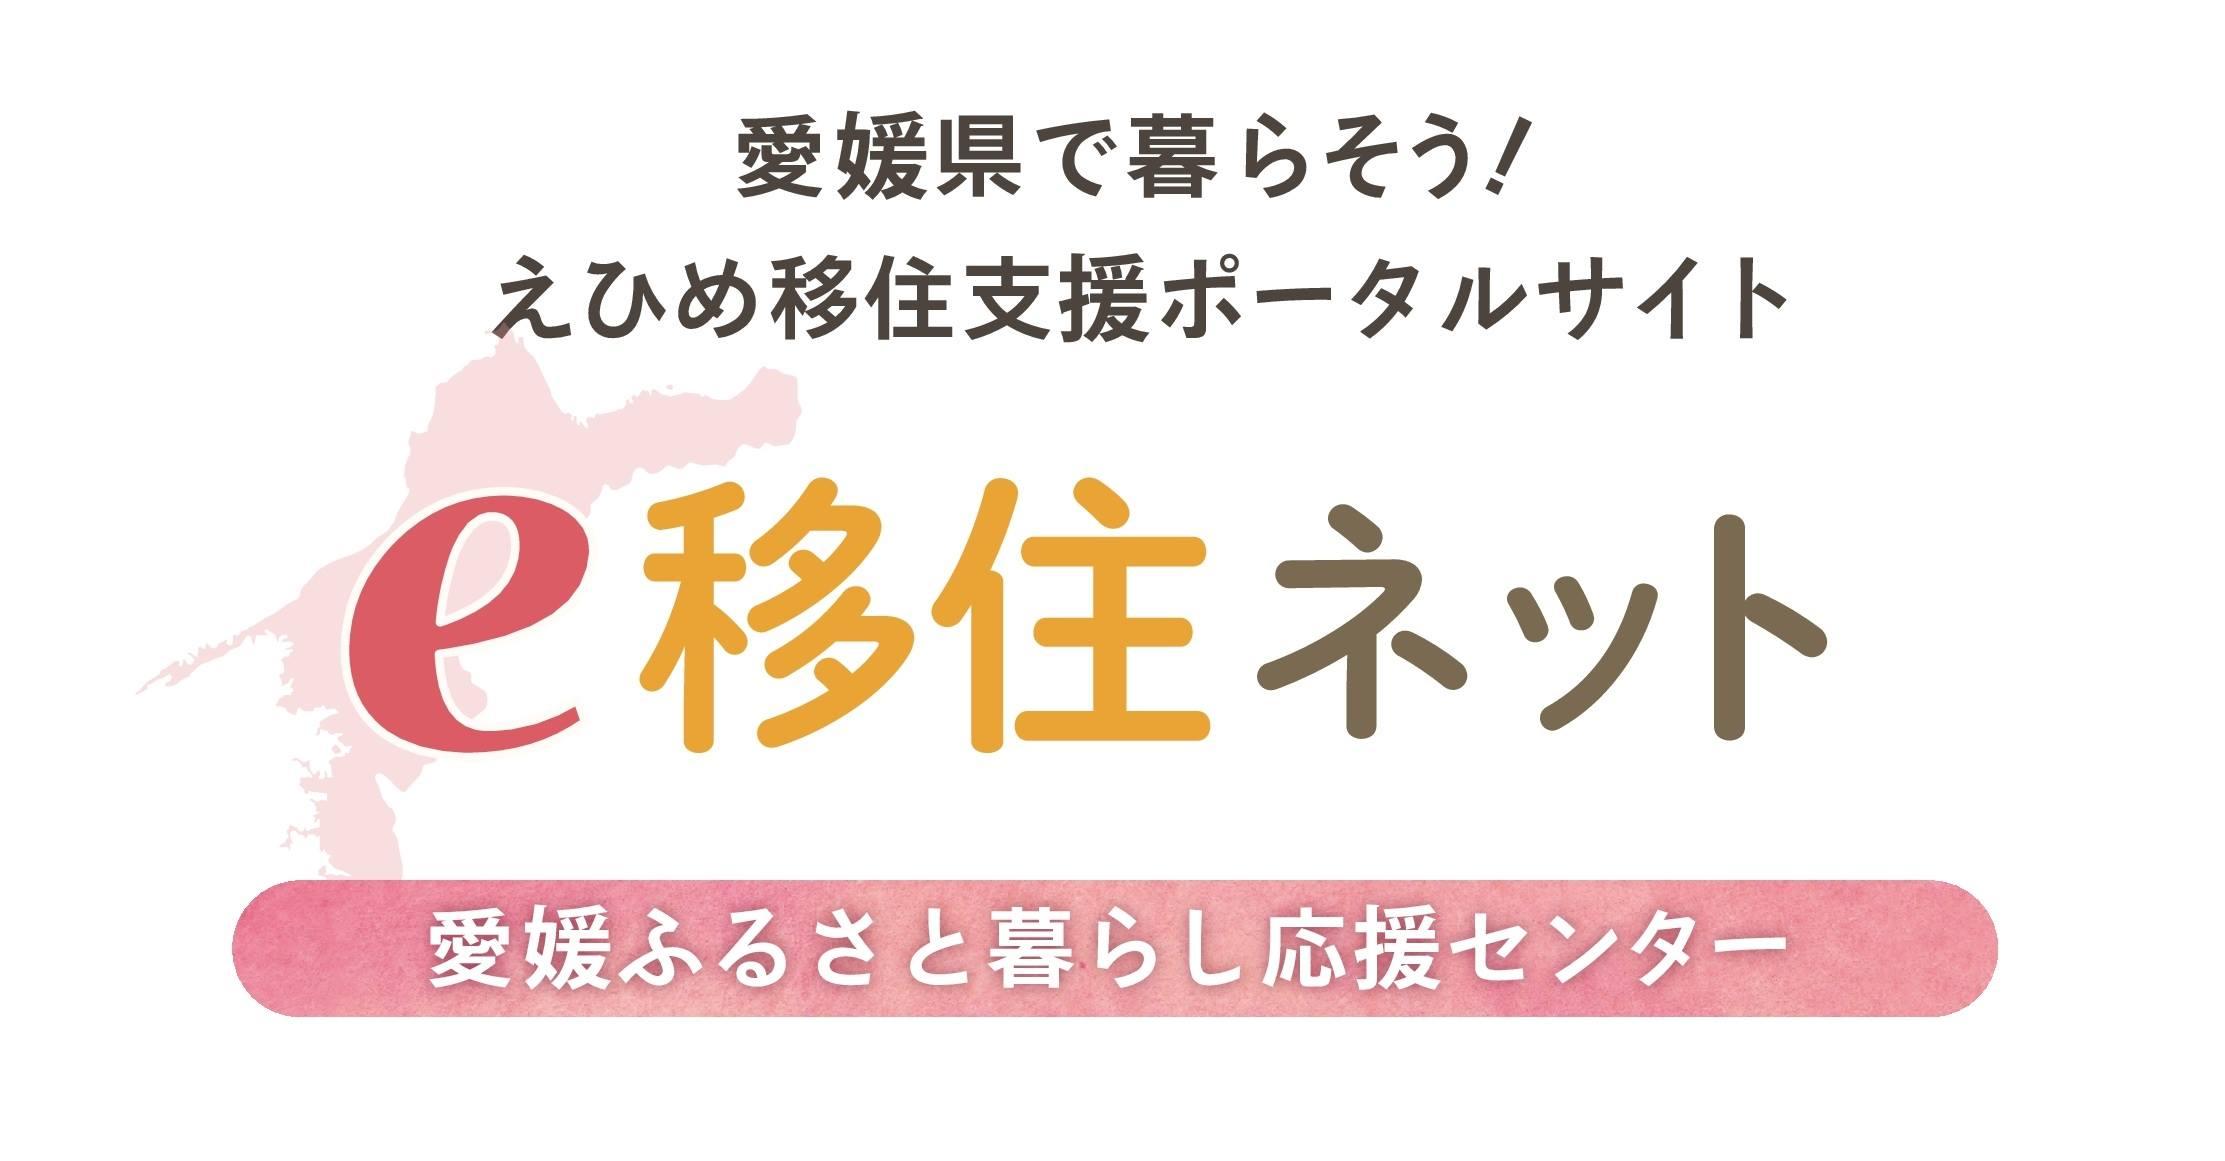 愛媛県で暮らそう!えひめ移住支援ポータルサイト e移住ネット 愛媛ふるさと暮らし応援センター